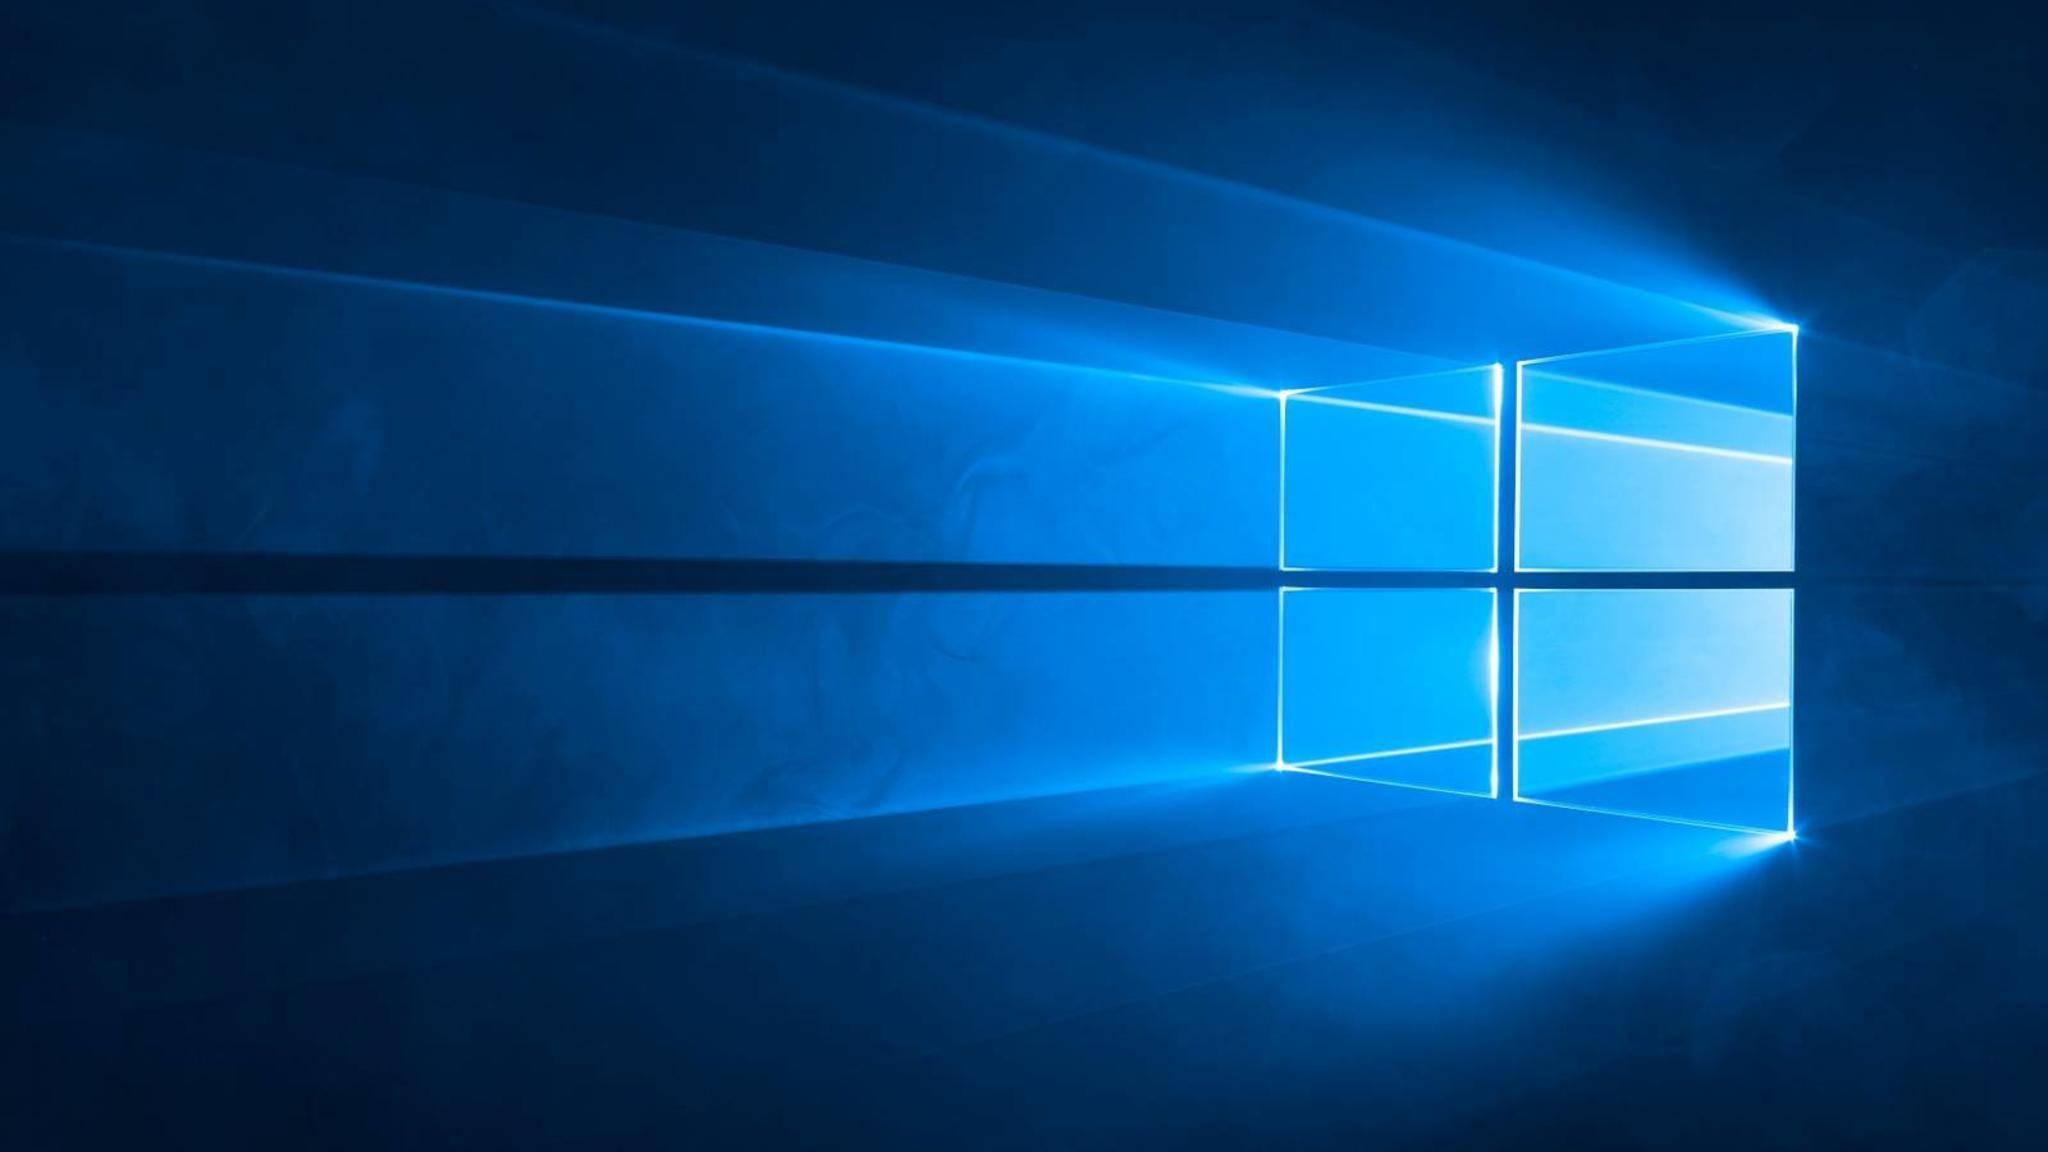 Mit Windows 10 Cloud entwickelt Microsoft wohl einen Konkurrenten zu Chrome OS.